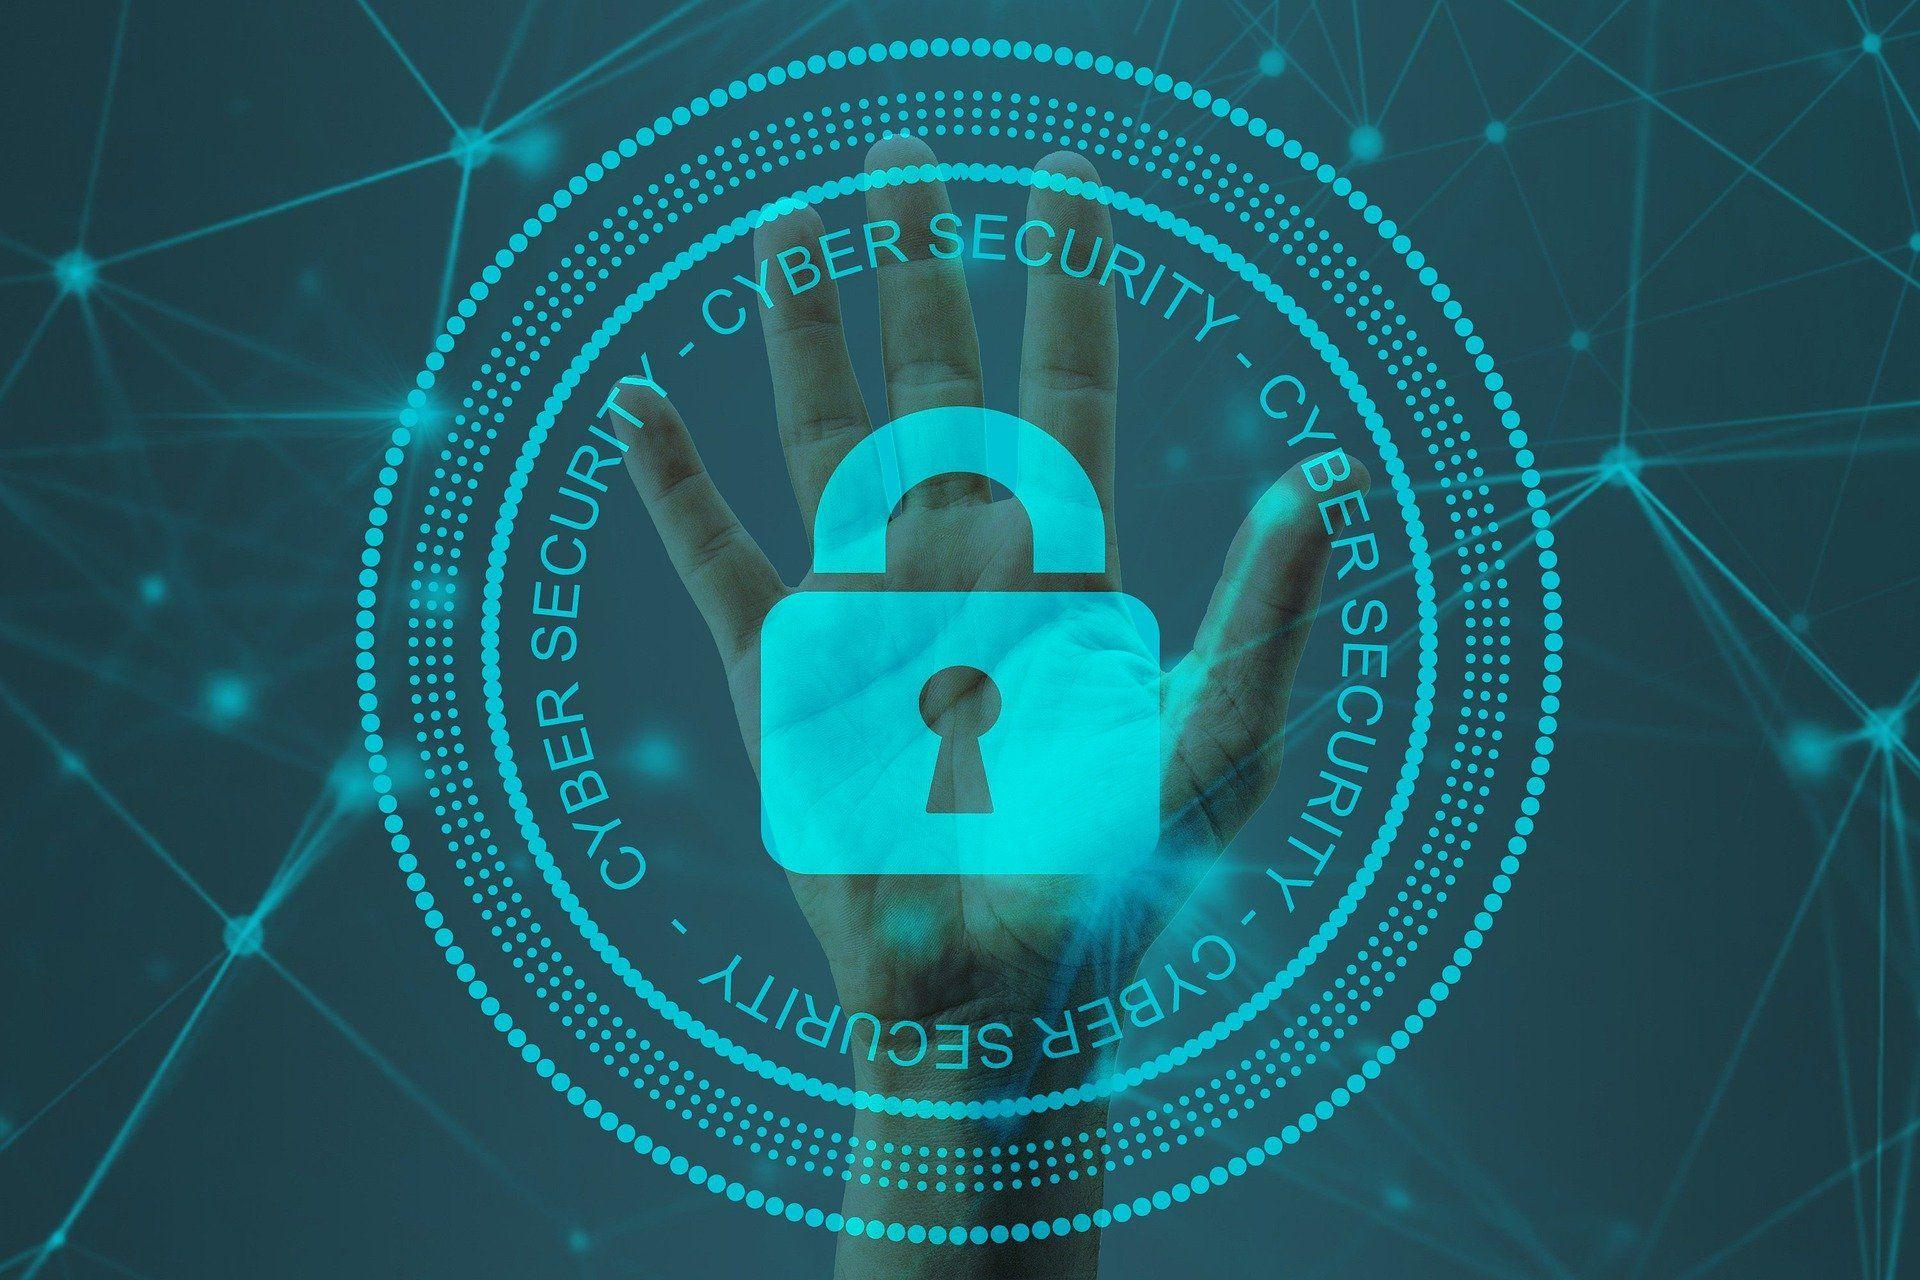 Consejos de ciberseguridad que son fundamentales.